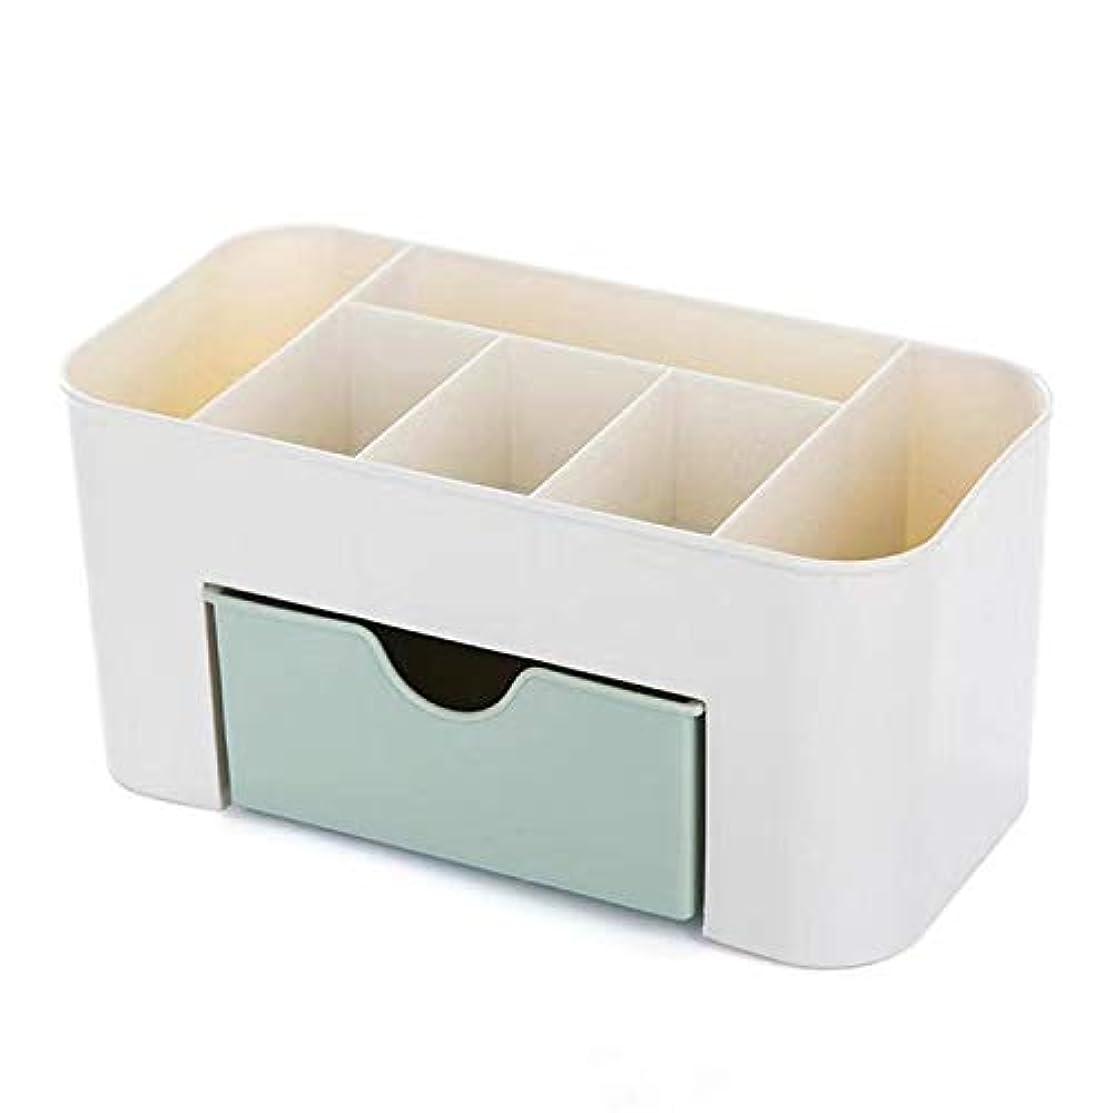 コンセンサス改善する身元HJY スタッカブルと防水プラスチック化粧オーガナイザー、事務机文具収納ボックス化粧品ホルダー、大容量ジュエリーディスプレイケース (みどり)